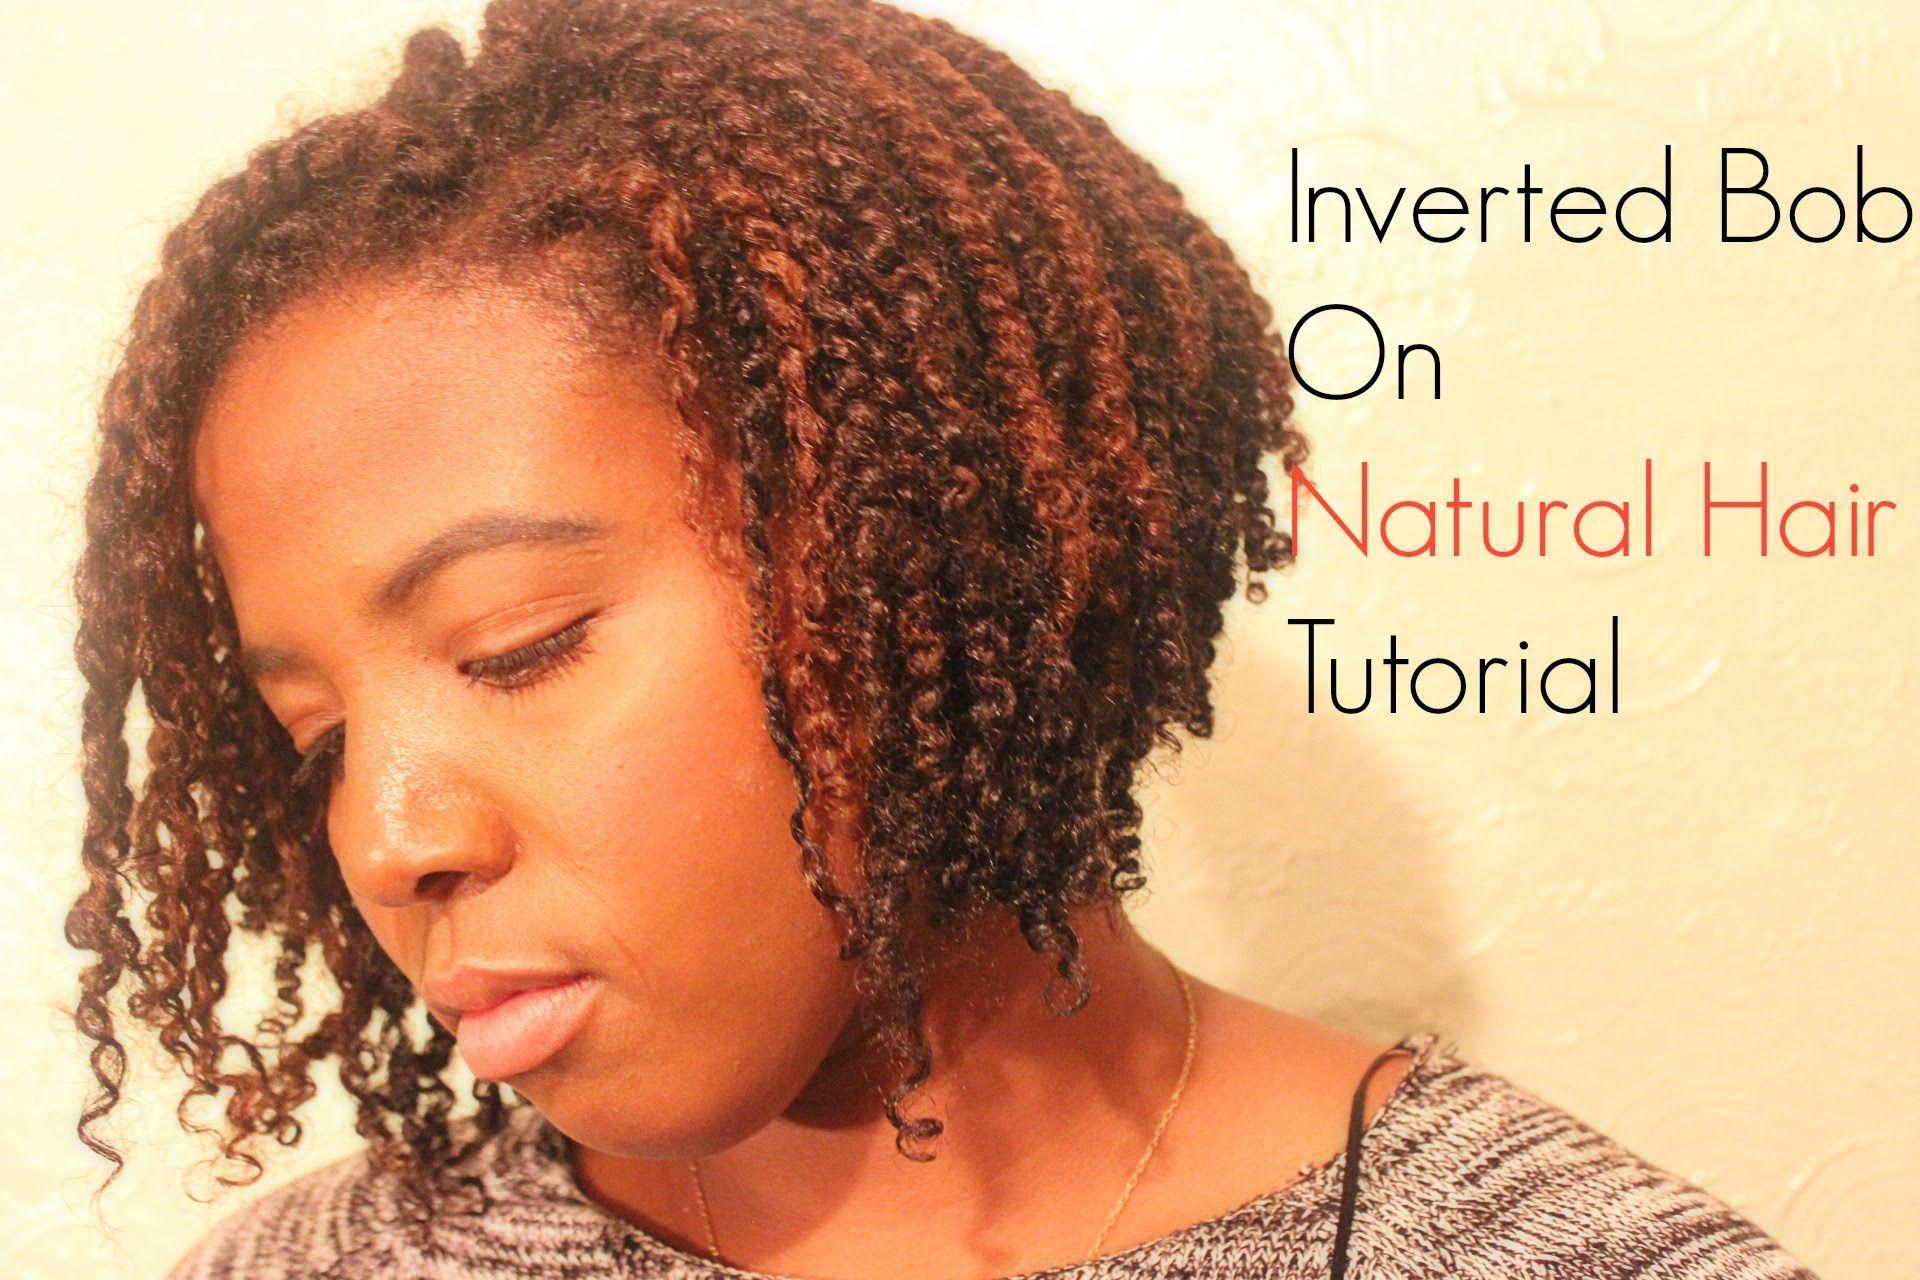 Natural Hair Tutorial Inverted Bob On Natural Hair Hair